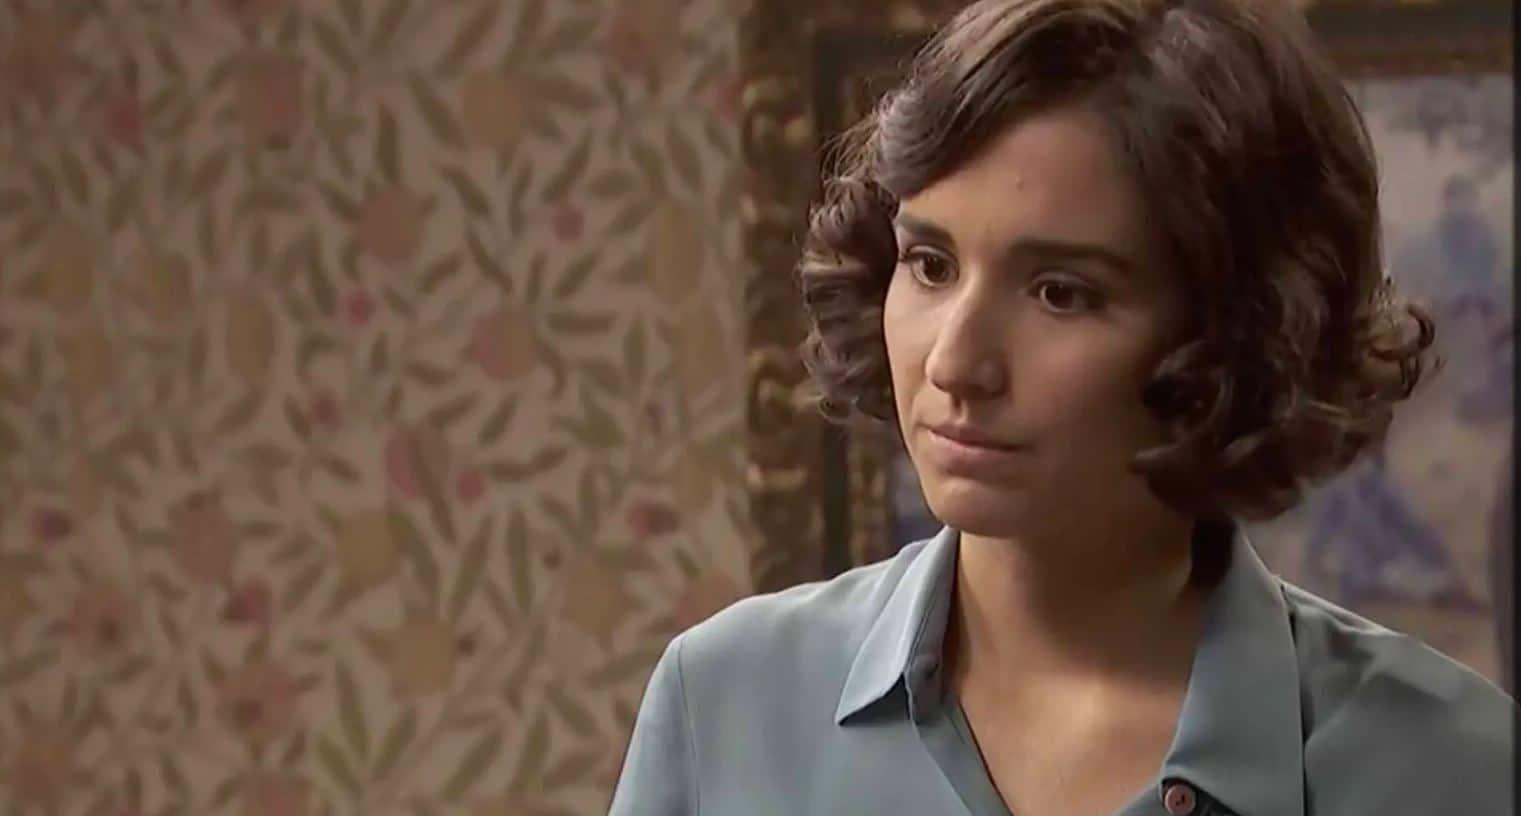 Il segreto anticipazioni: Rosa scopre la tresca tra Adolfo e Marta, che farà?